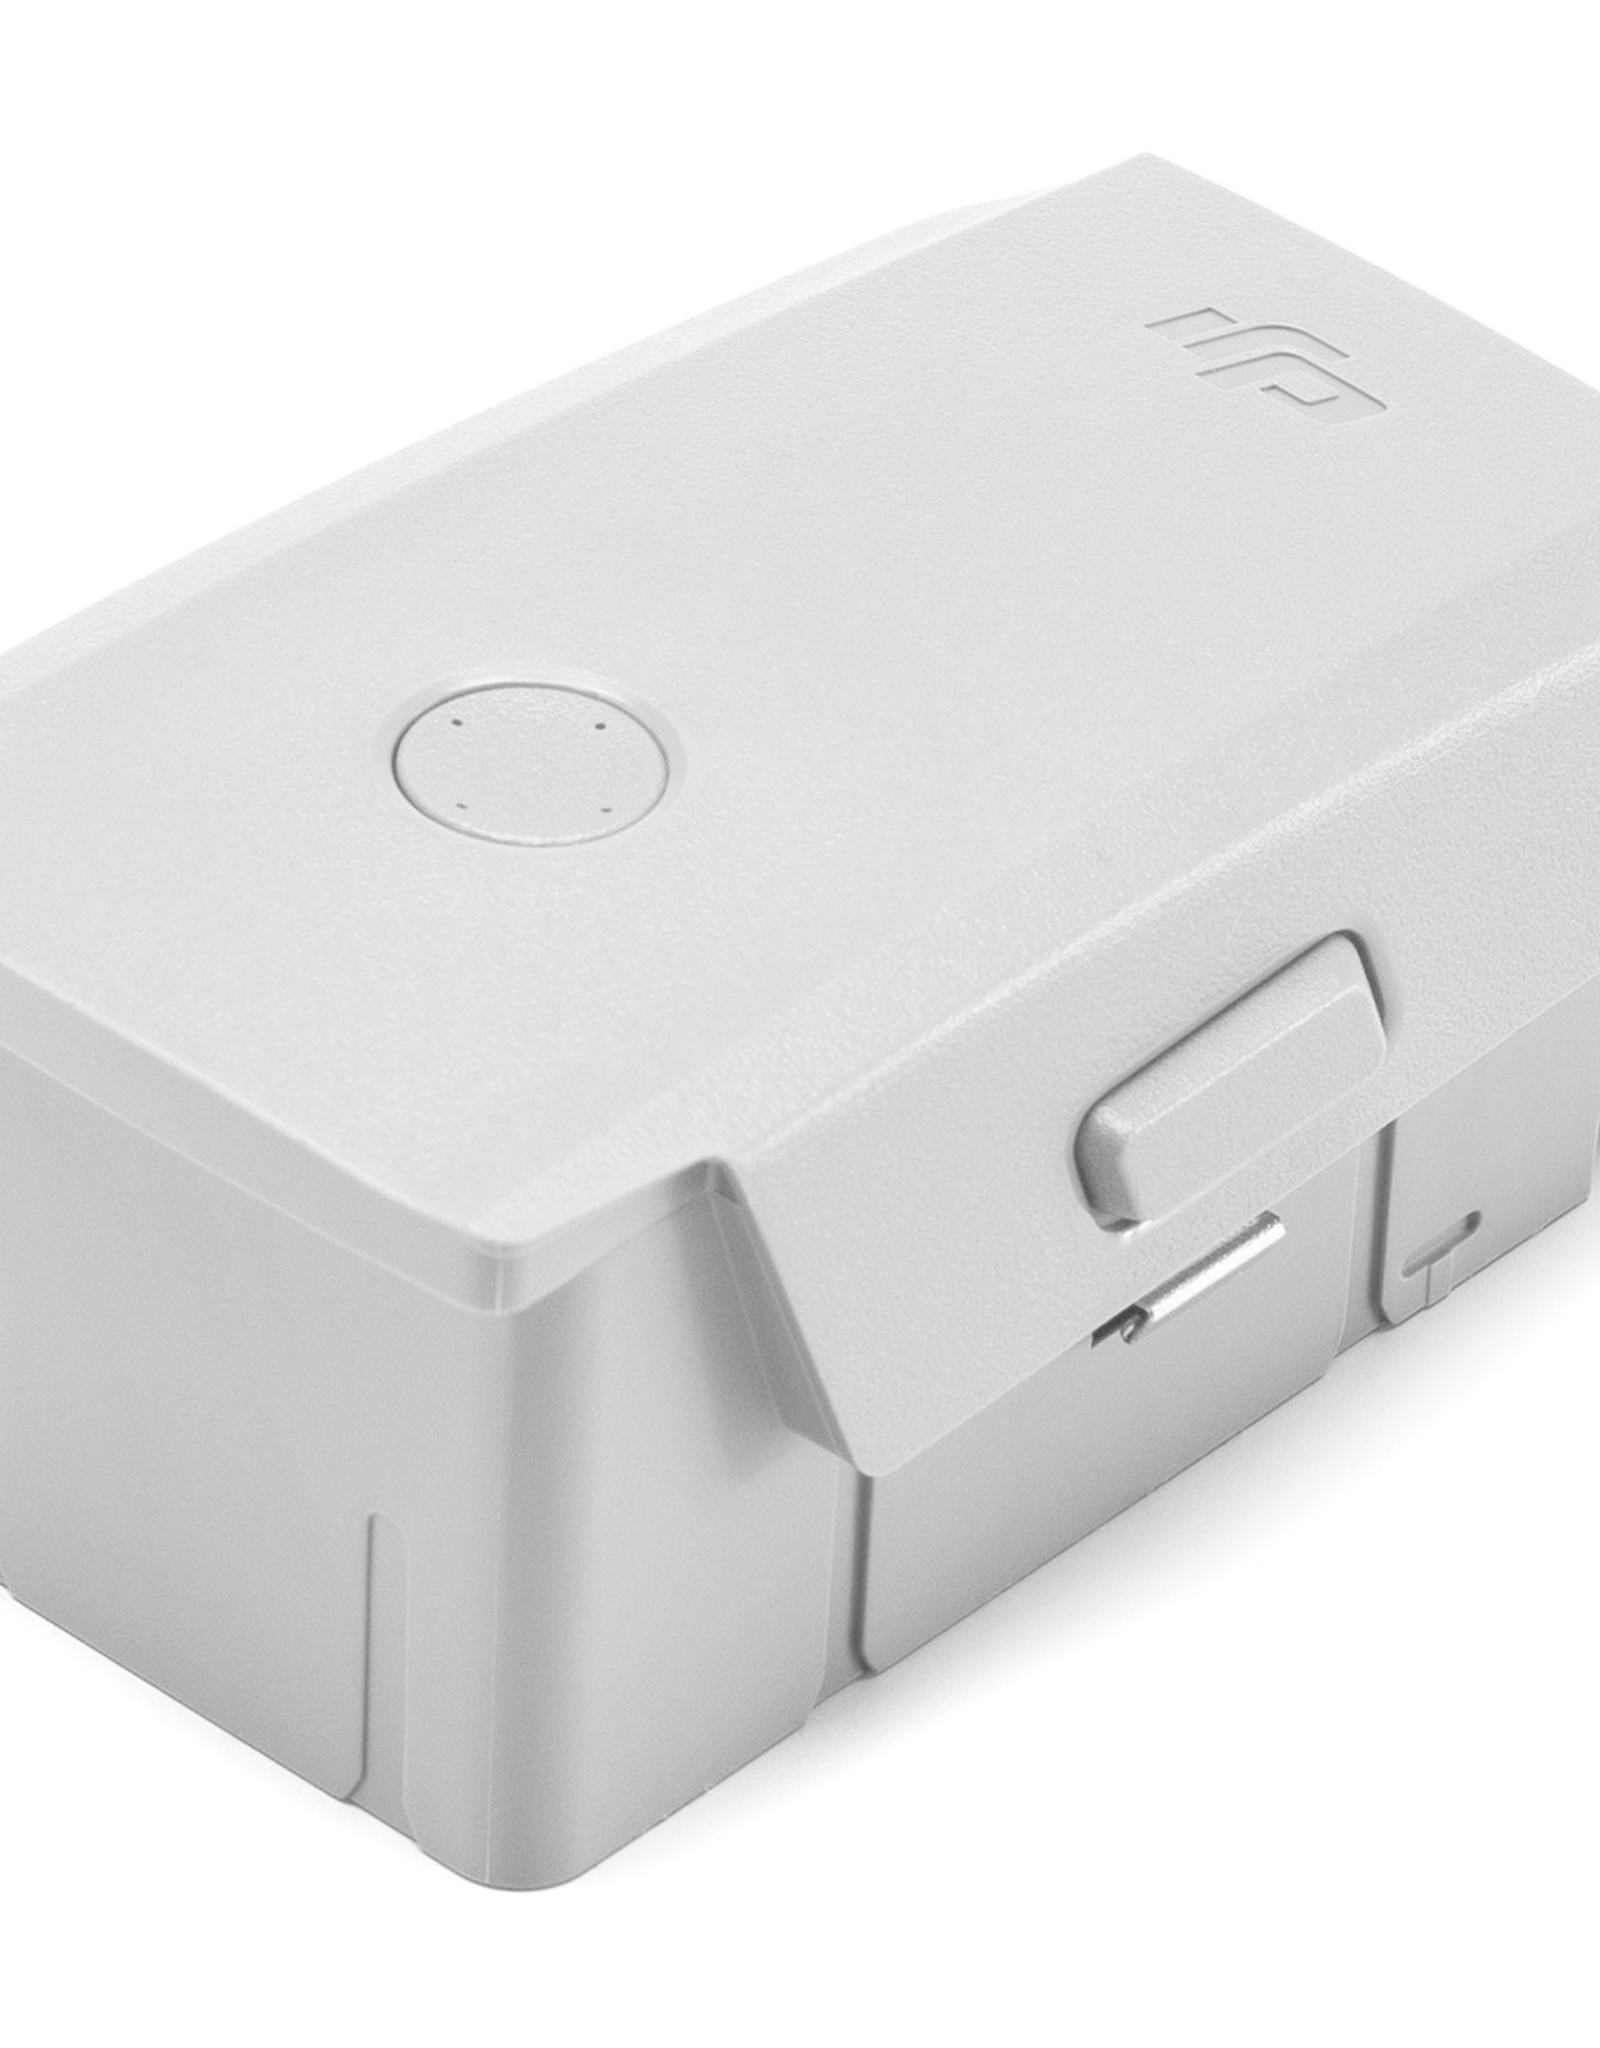 DJI DJI | Mavic Air 2 Intelligent Flight Battery CP.MA.00000268.01